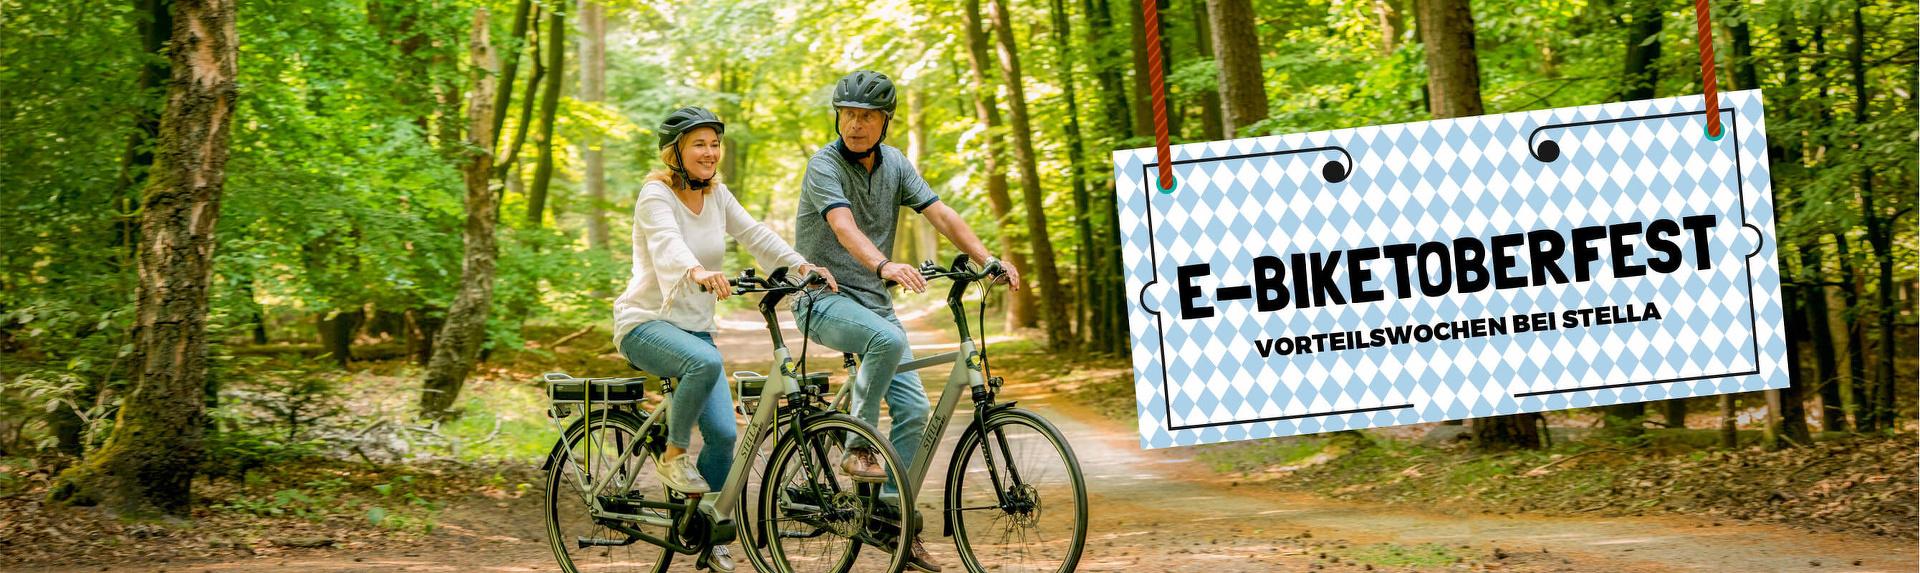 E-Biketoberfest